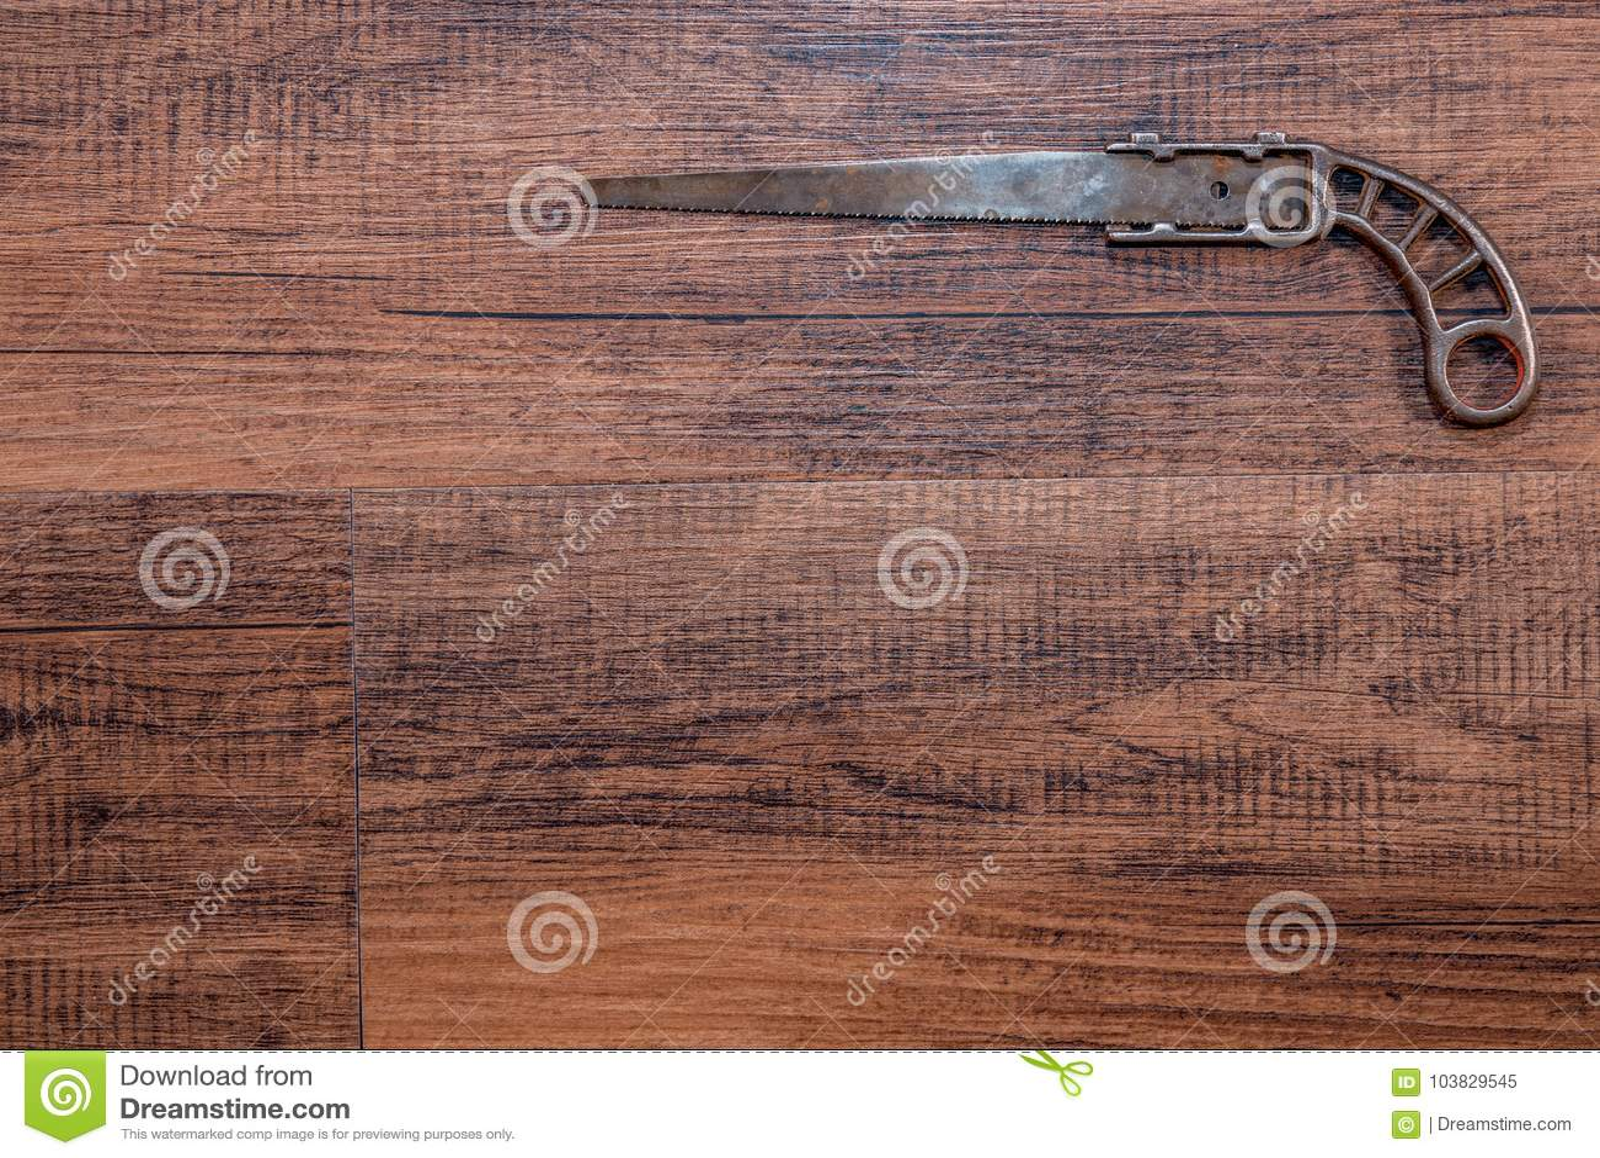 Antik miniatyrmetall såg på en ädelträarbetsbänk - bästa rätt